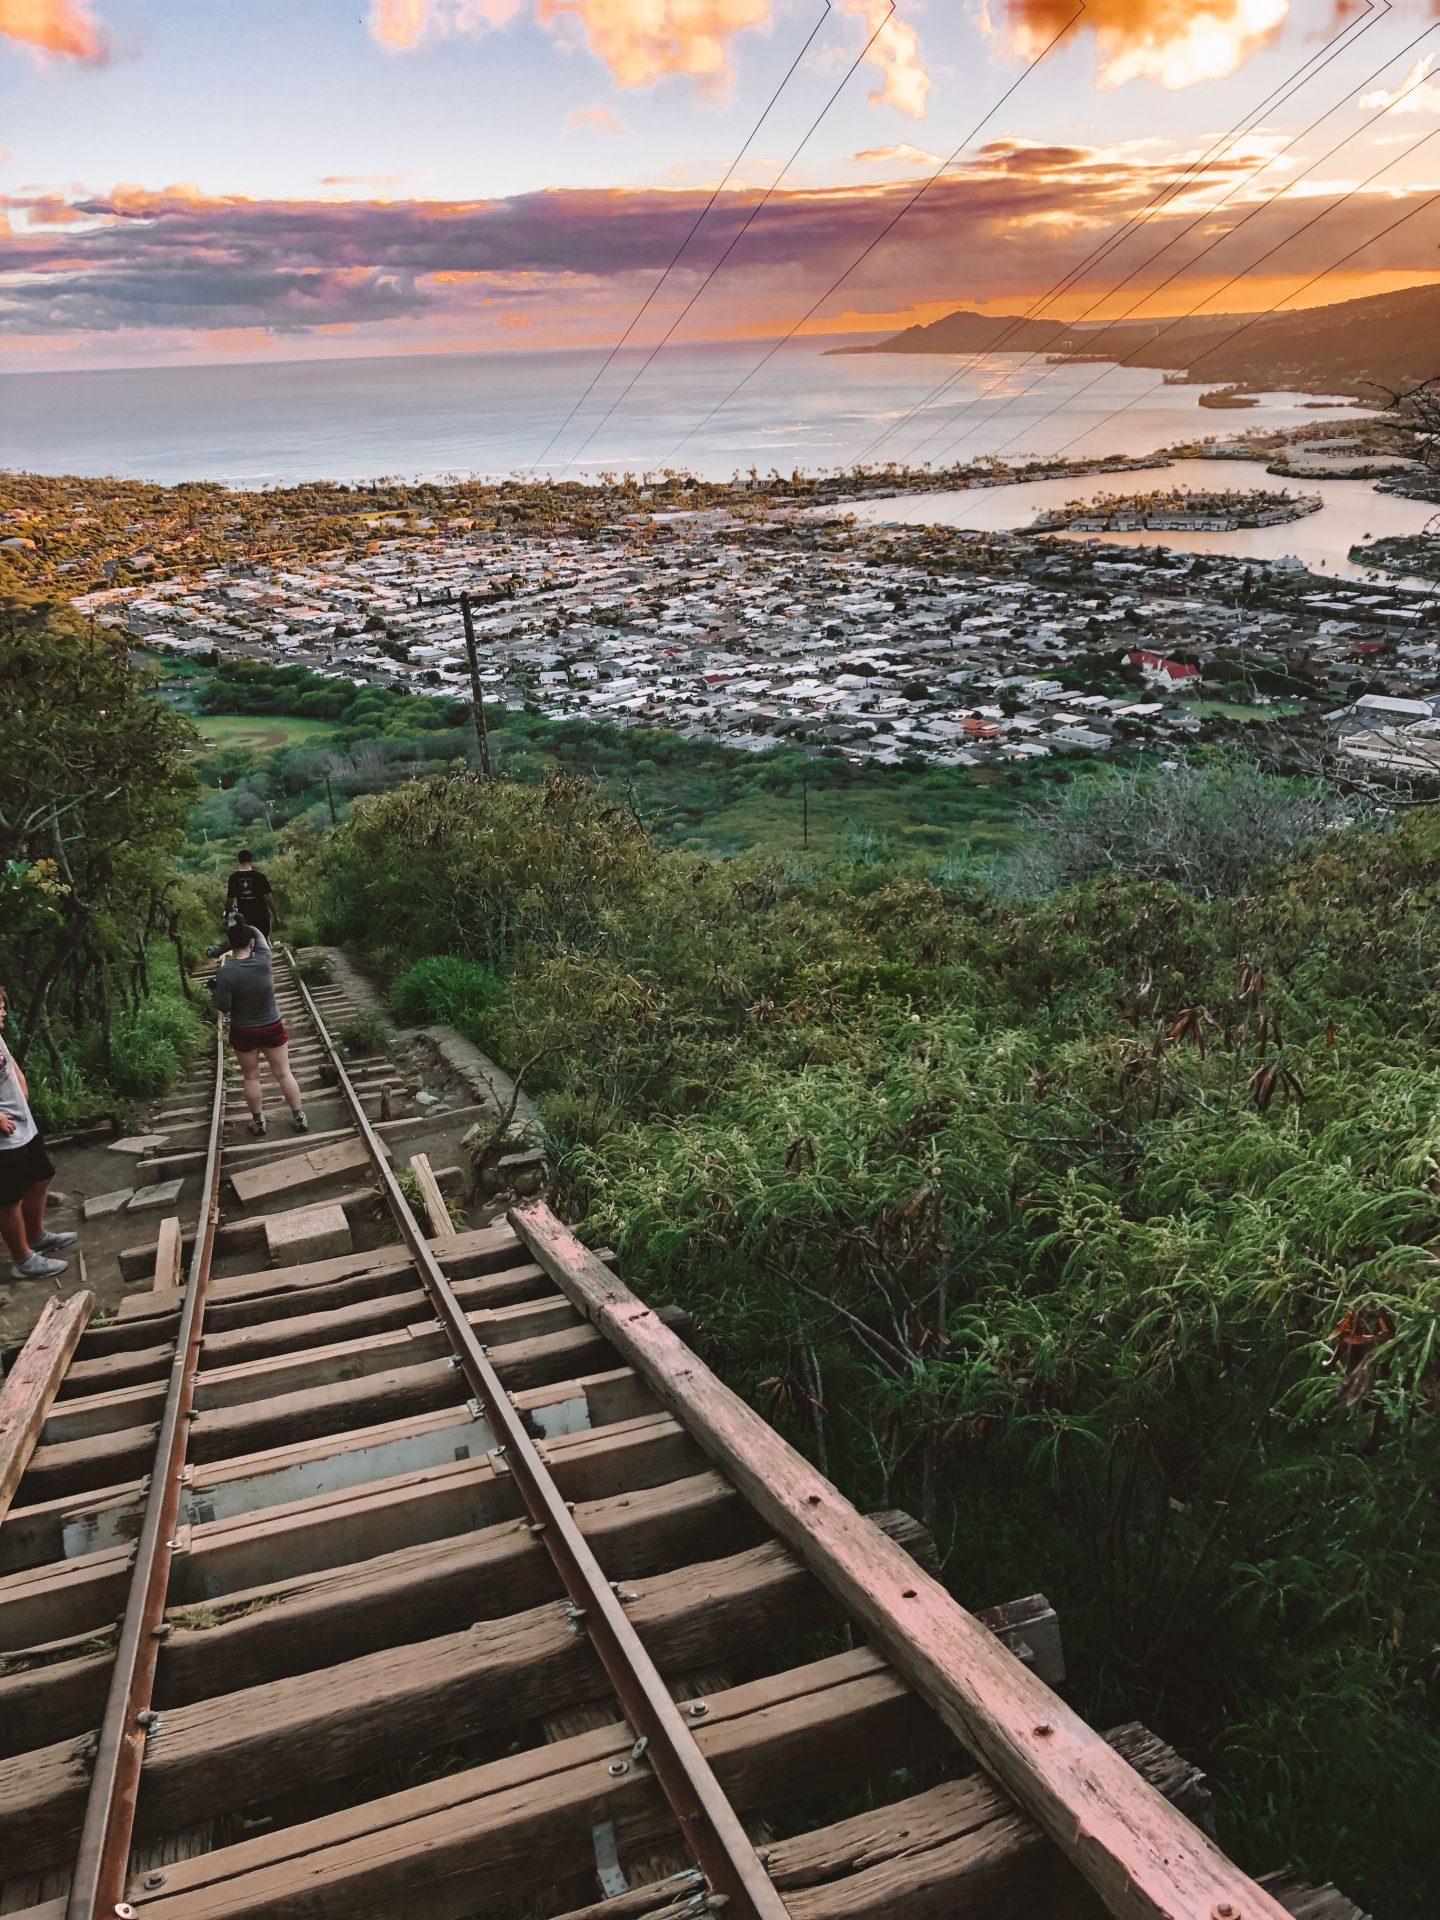 Koko head Trail Oahu - Blondie Baby blog mode et voyages